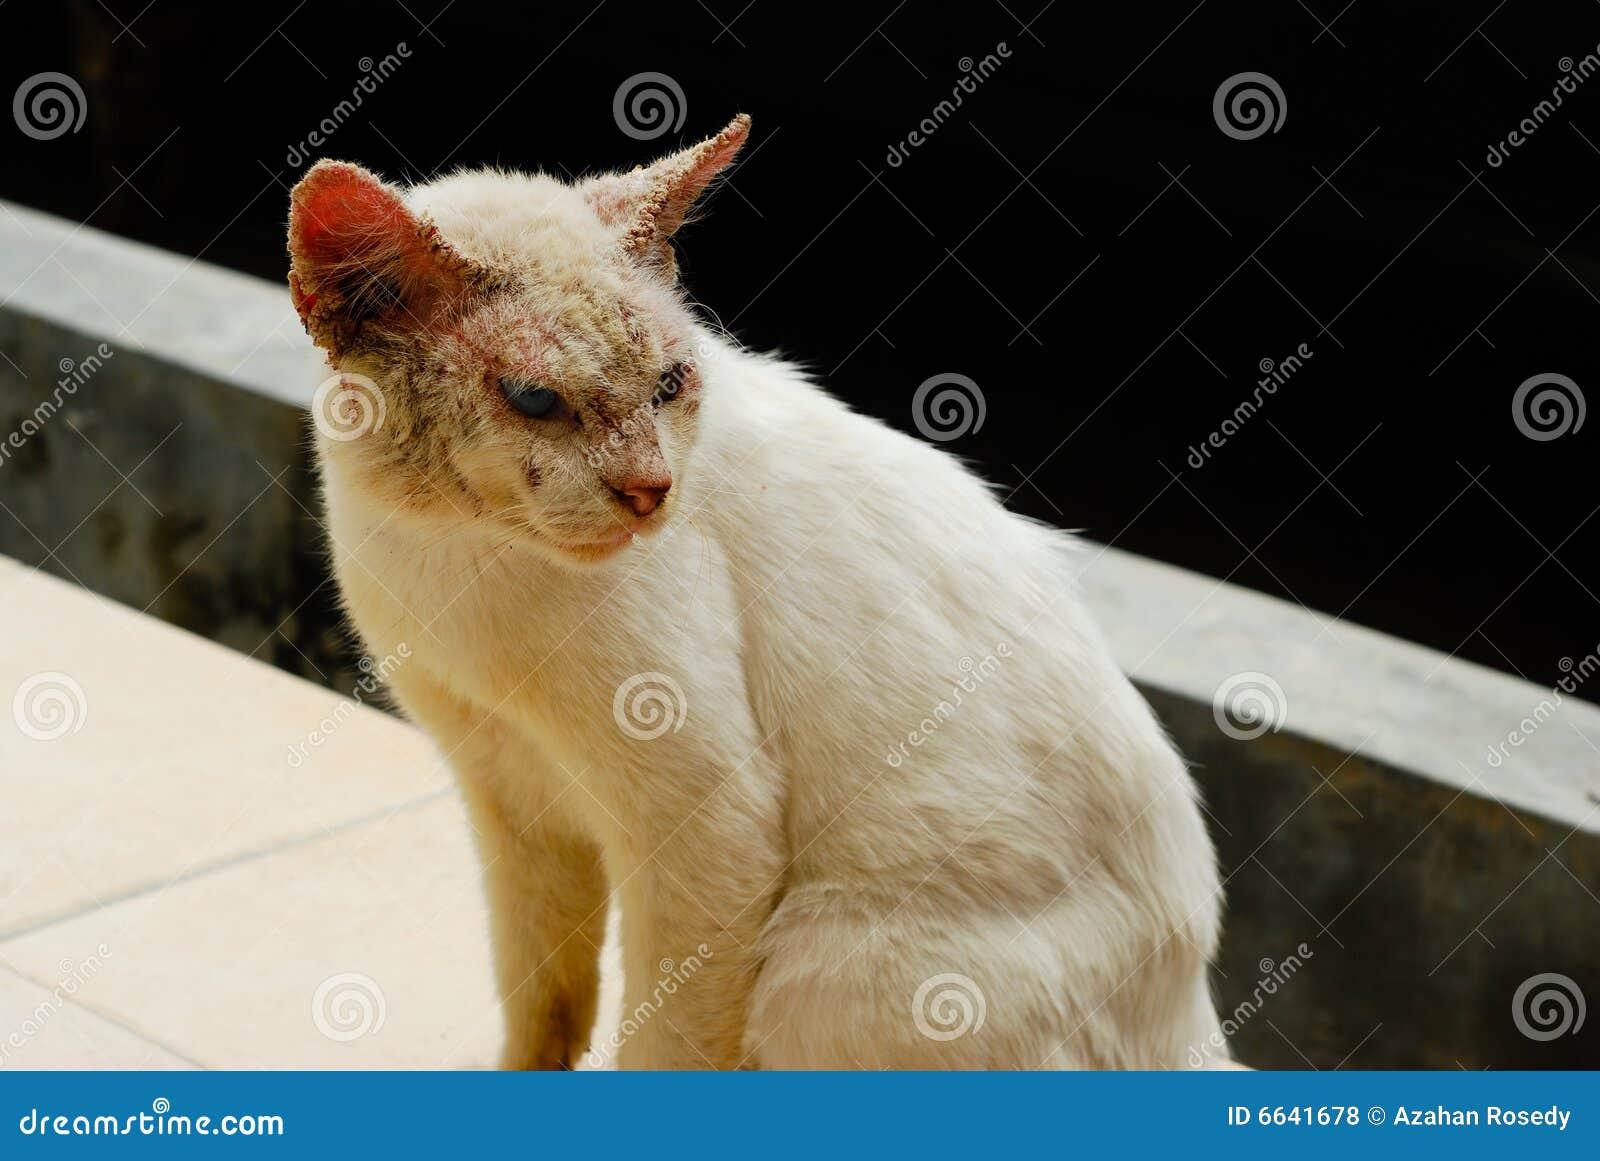 Gato feo con enfermedad de piel